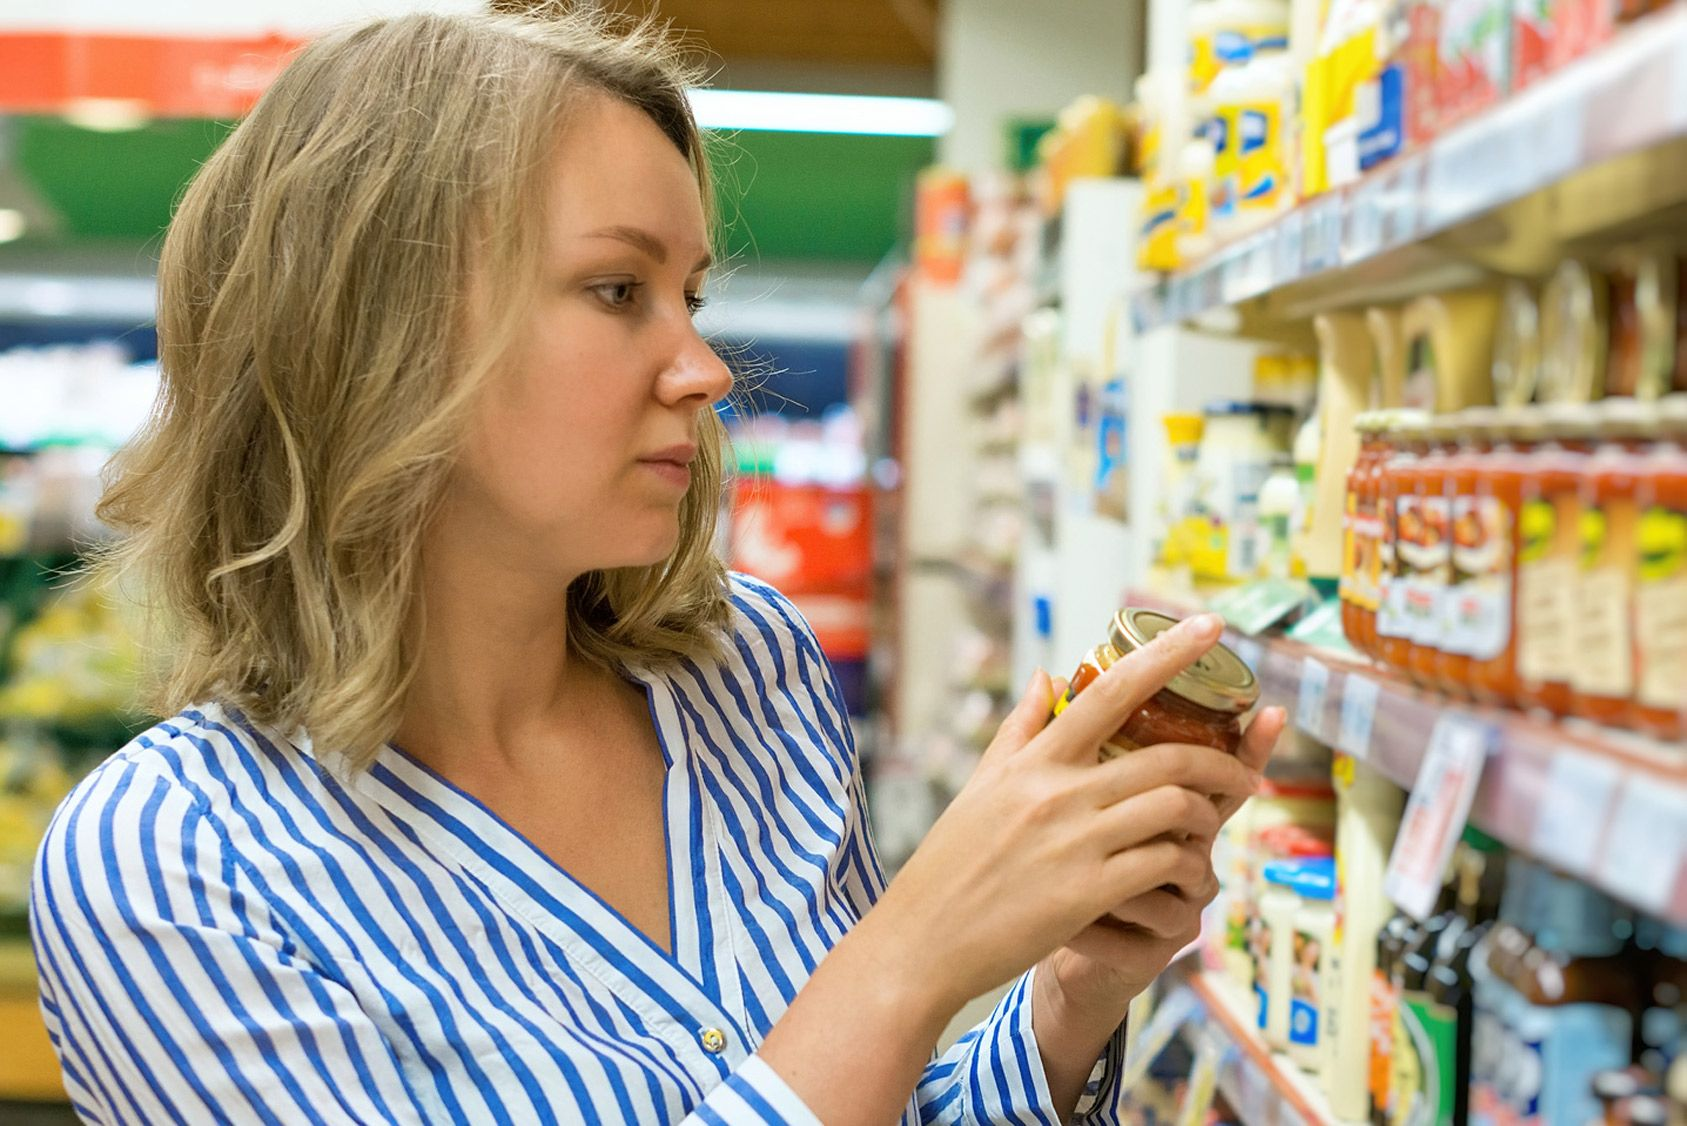 Faut-il faire confiance aux labels alimentaires?